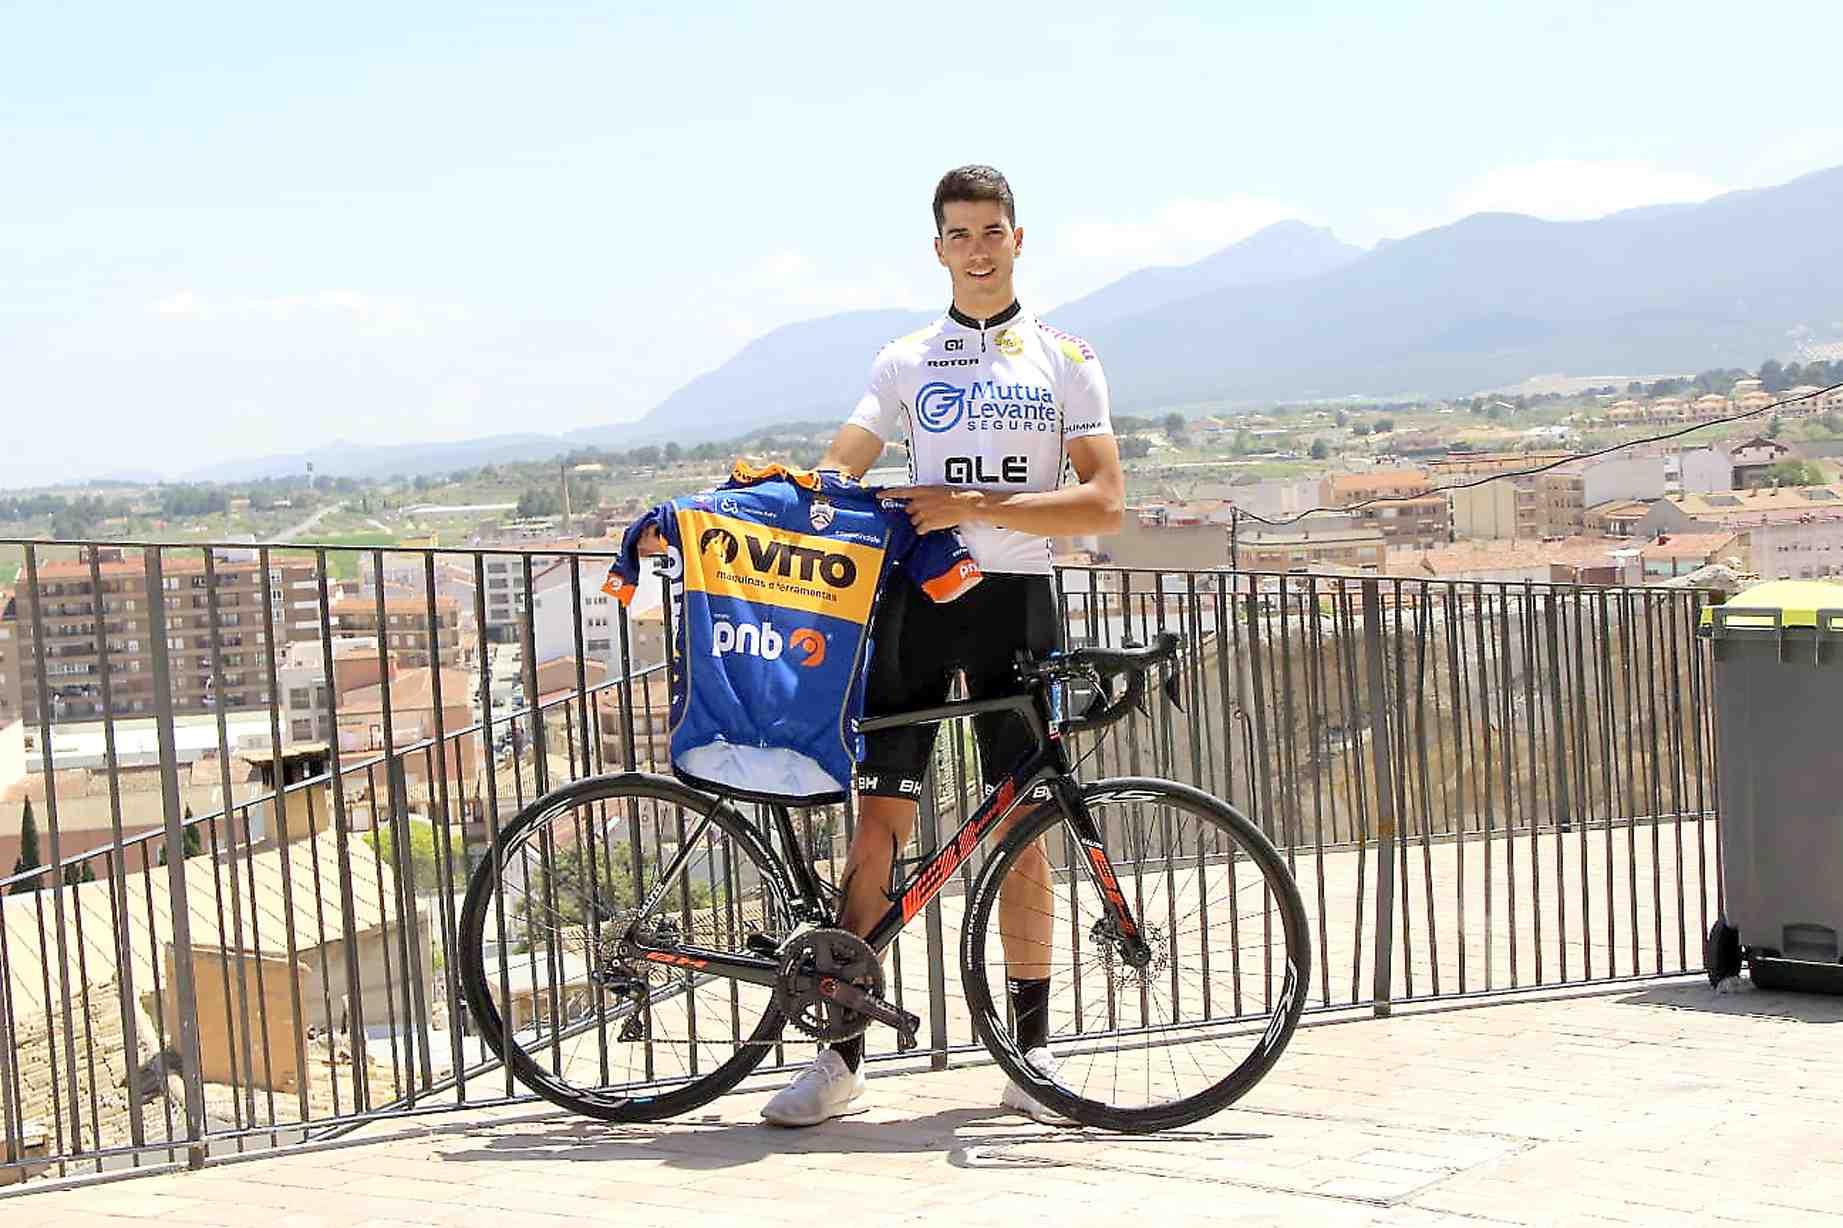 El ciclista castallense Raúl Rico da el salto a profesionales